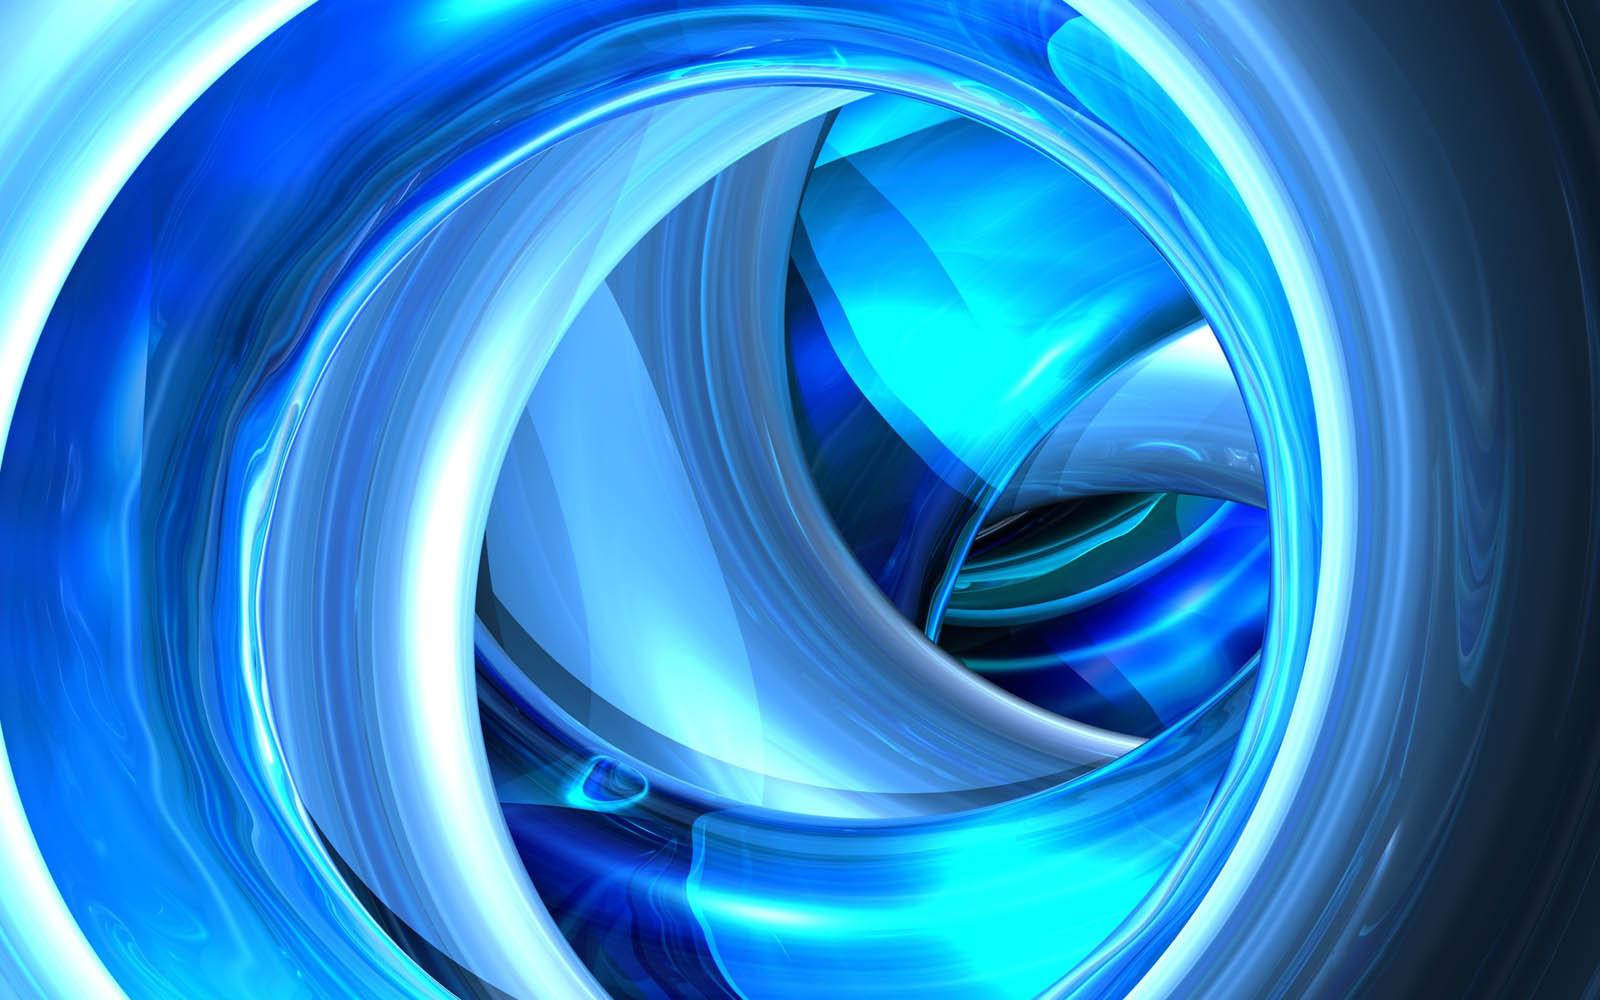 Wallpaper: Blue 3D Wallpapers